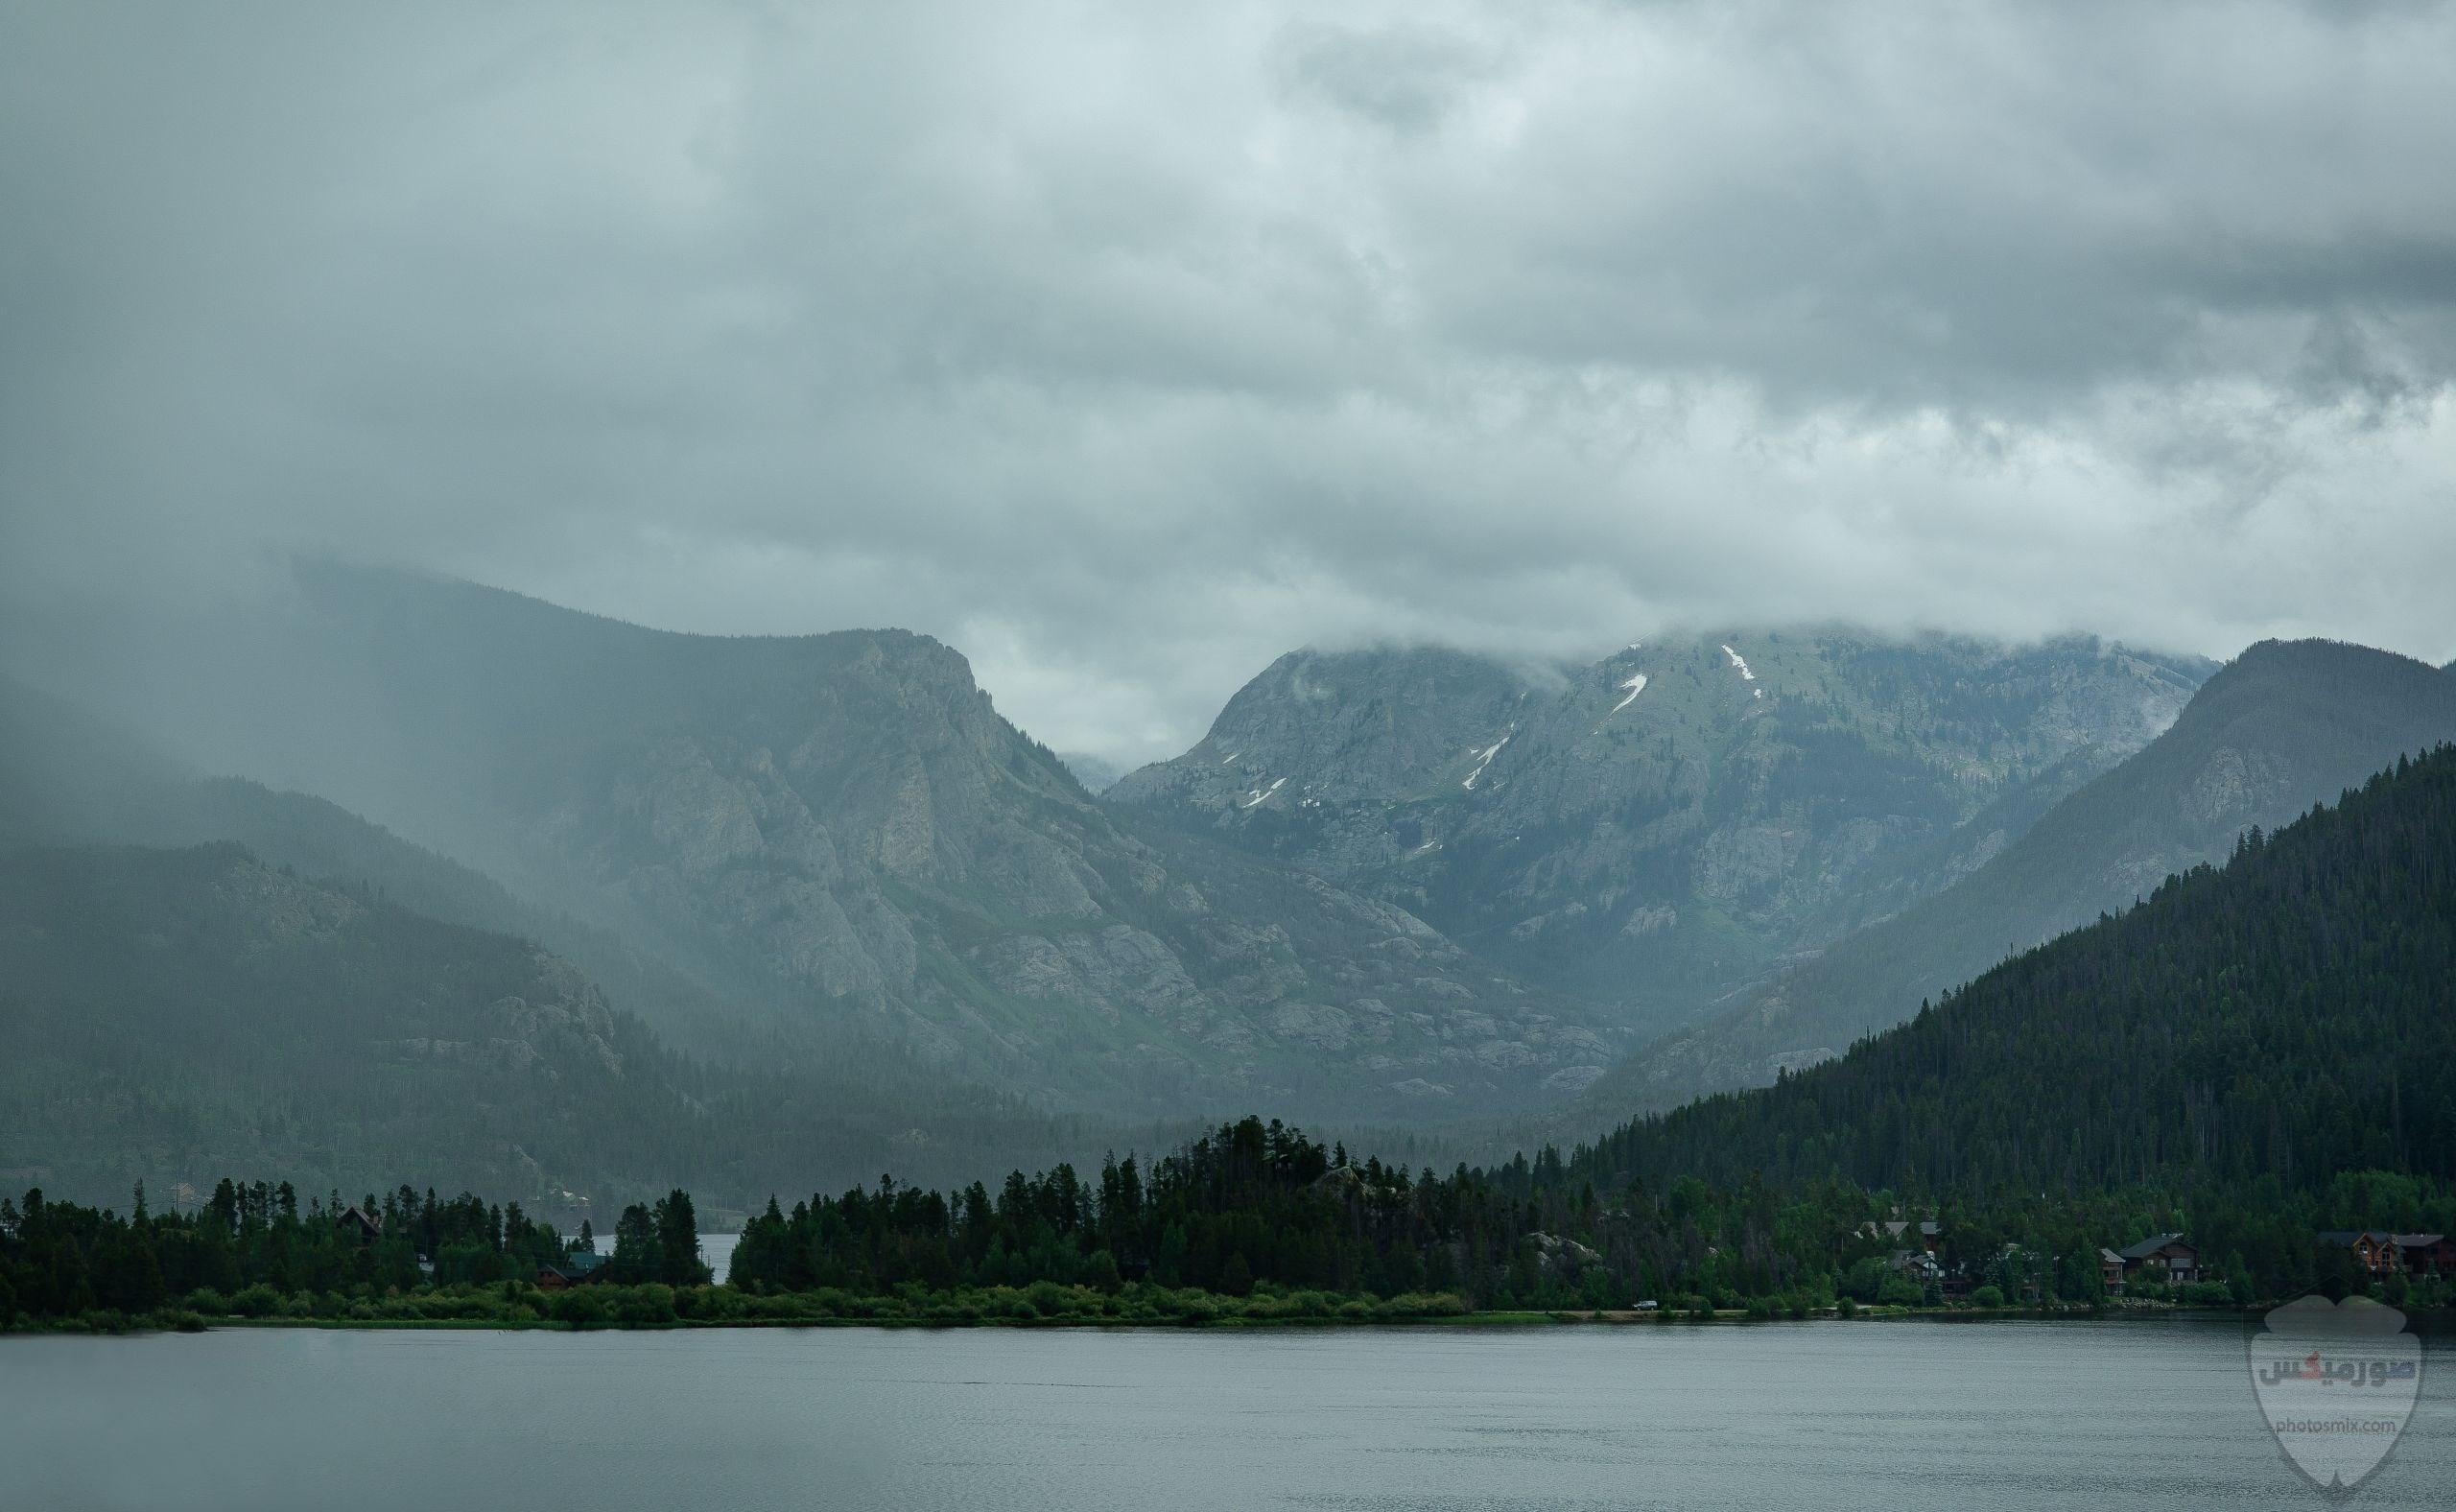 صور جبال خلفيات جبال بجودة HD احلي صور الجبال 11